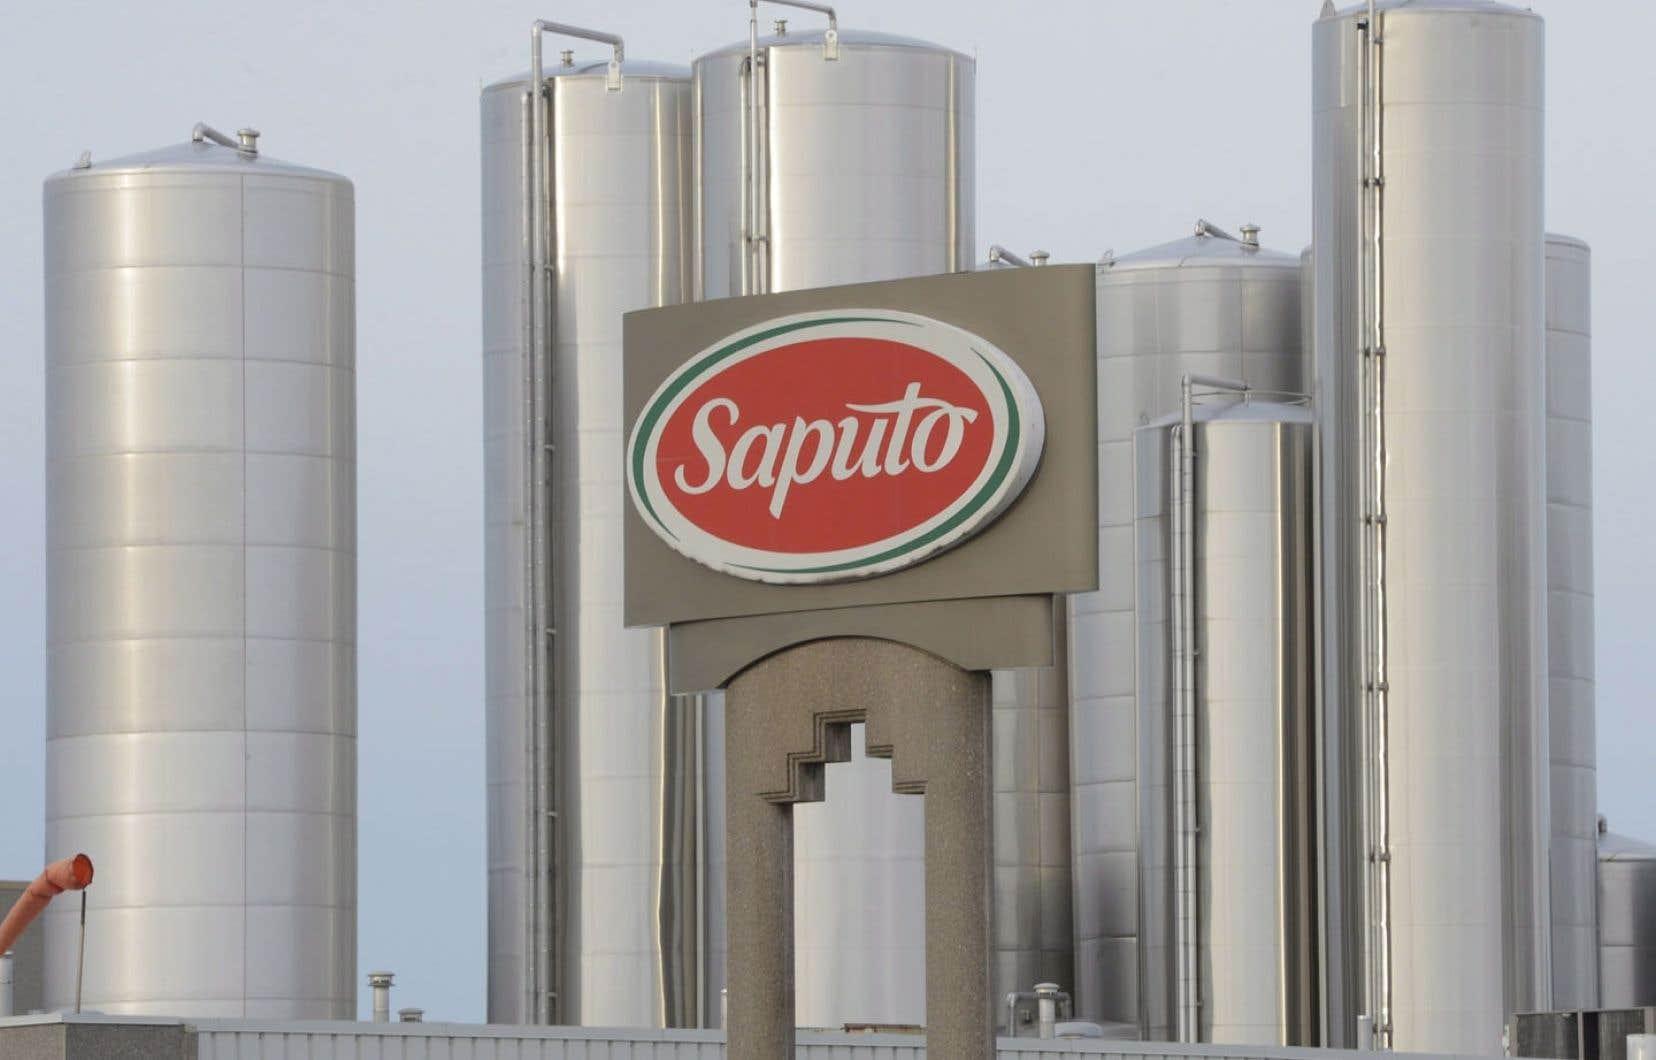 L'investisseur qui se sent redevable au Québec trouvera plusieurs entreprises saines dont il pourra devenir actionnaire, Saputo et SNC-Lavalin en étant deux exemples.